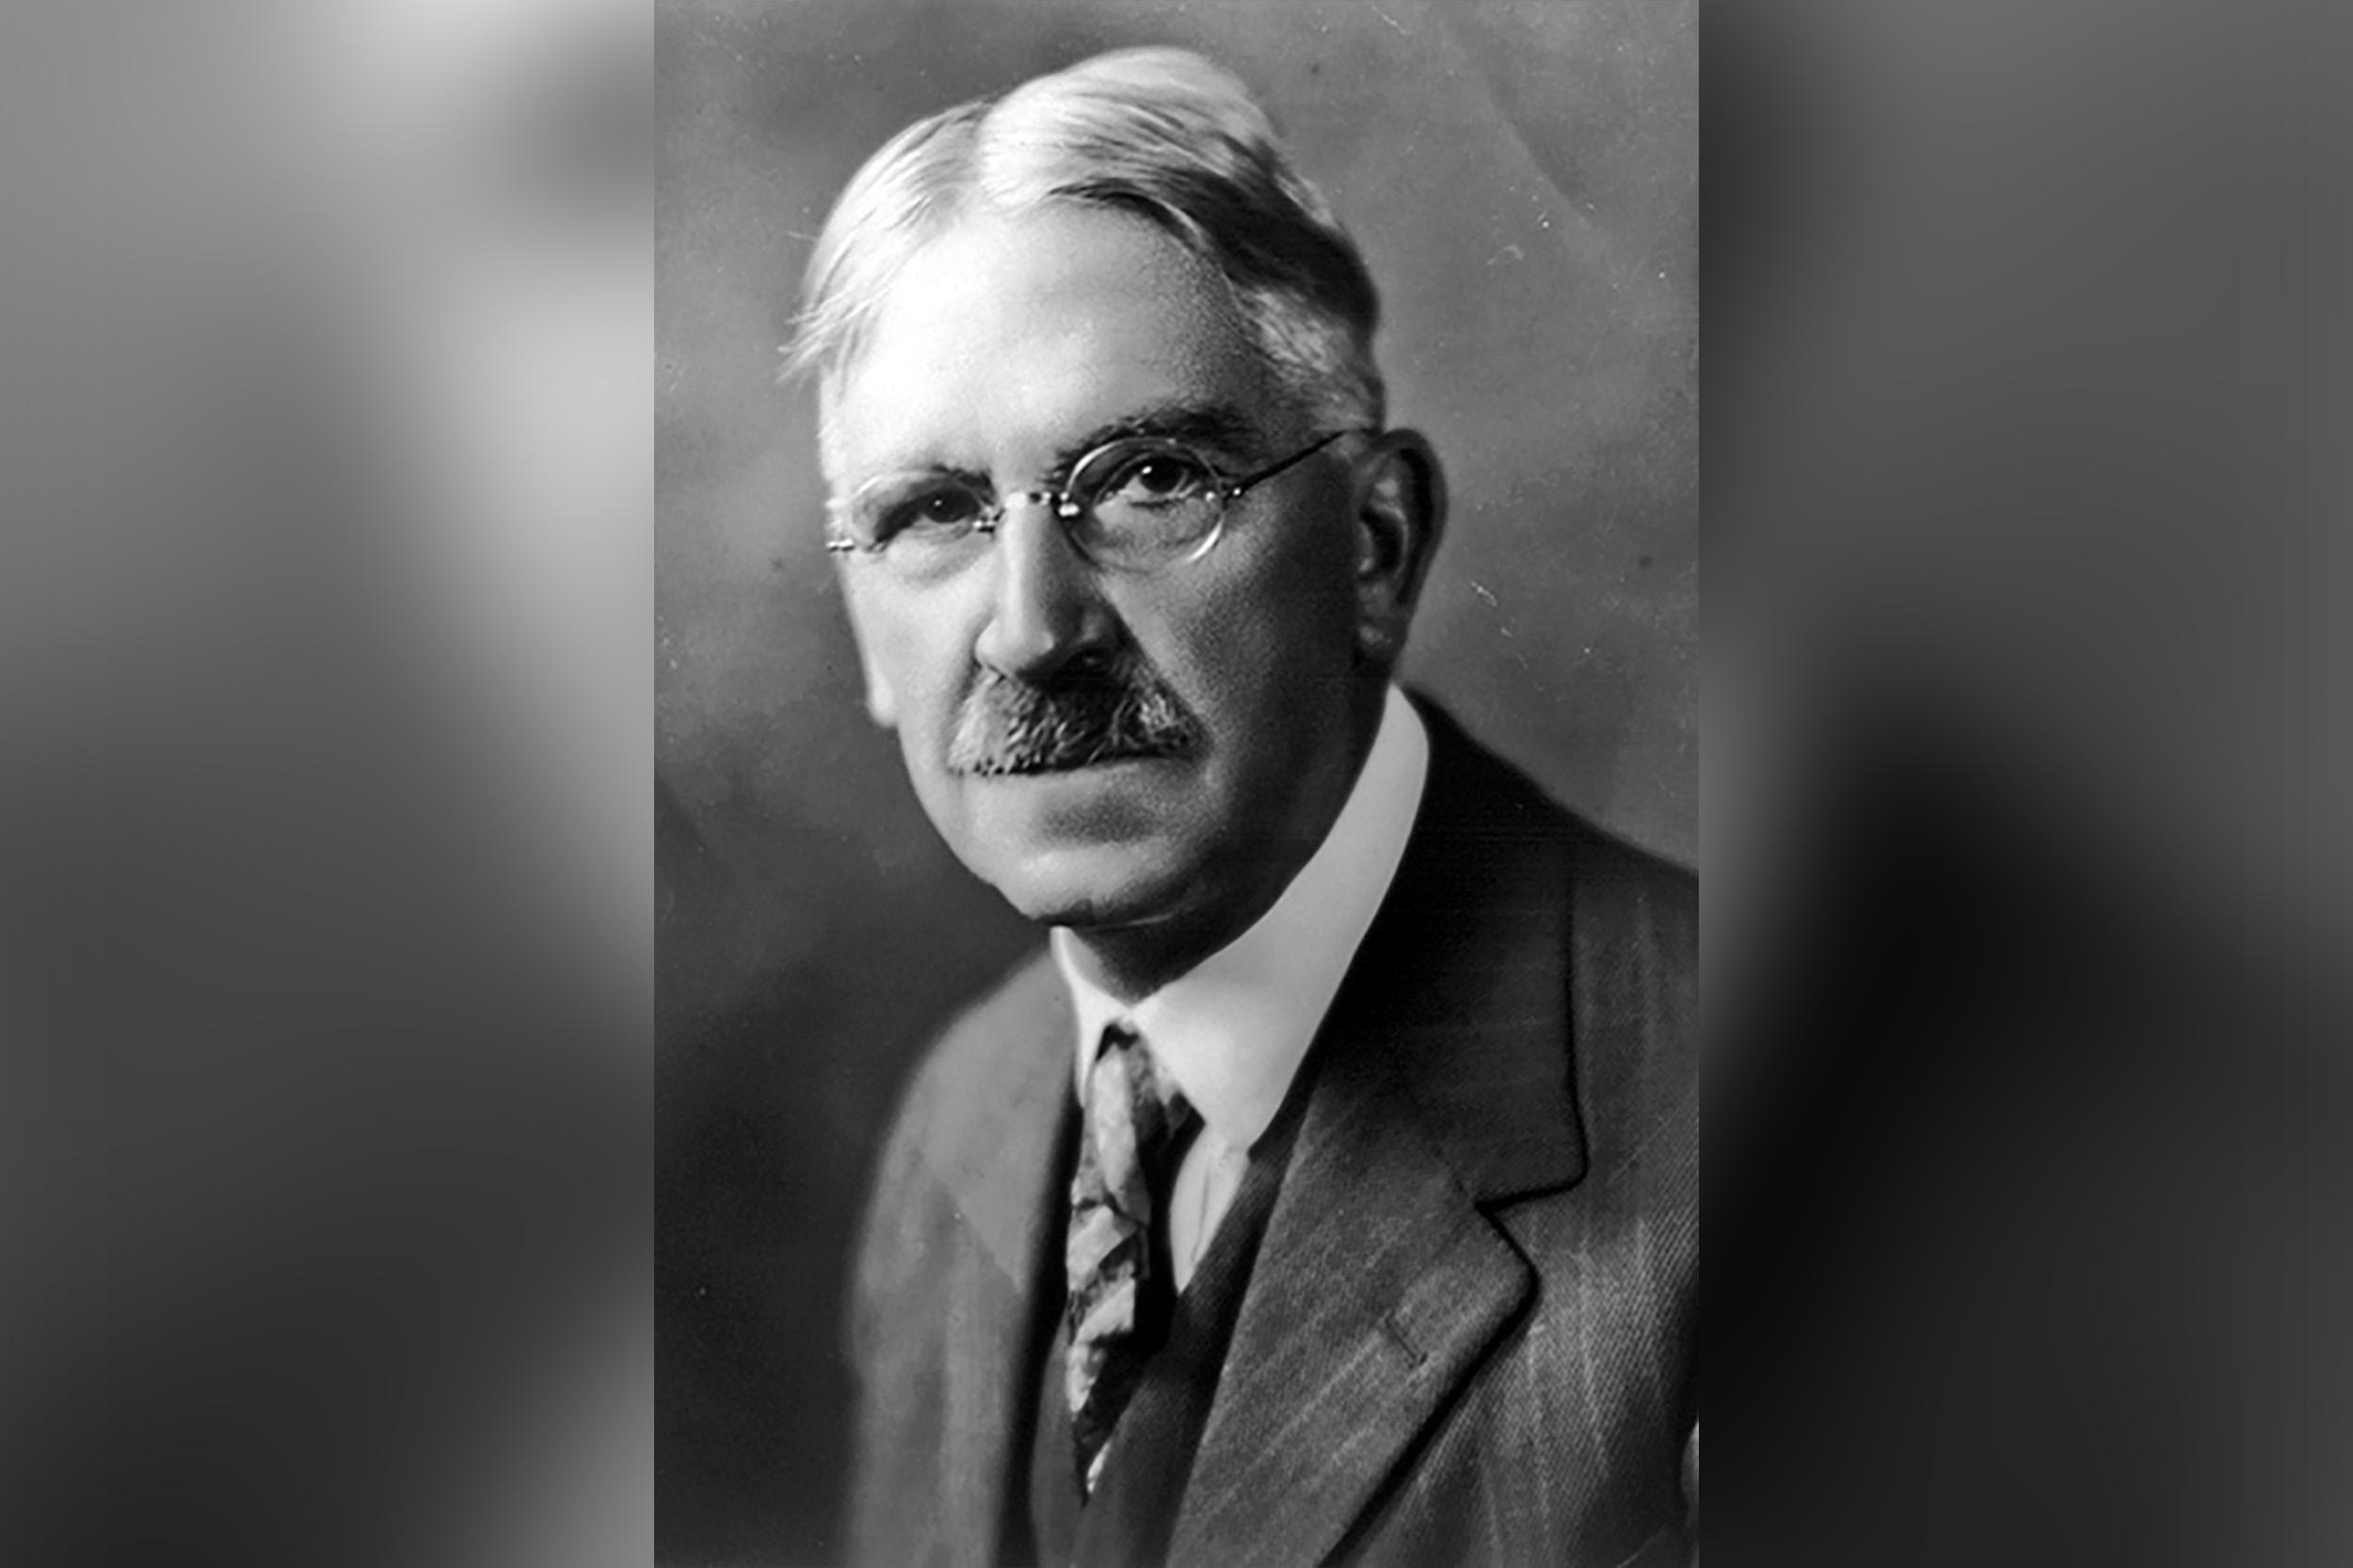 John Dewey war ein US-amerikanischer Philosoph und Pädagoge (* 20. Oktober 1859 in Burlington, Vermont; † 1. Juni 1952 in New York)